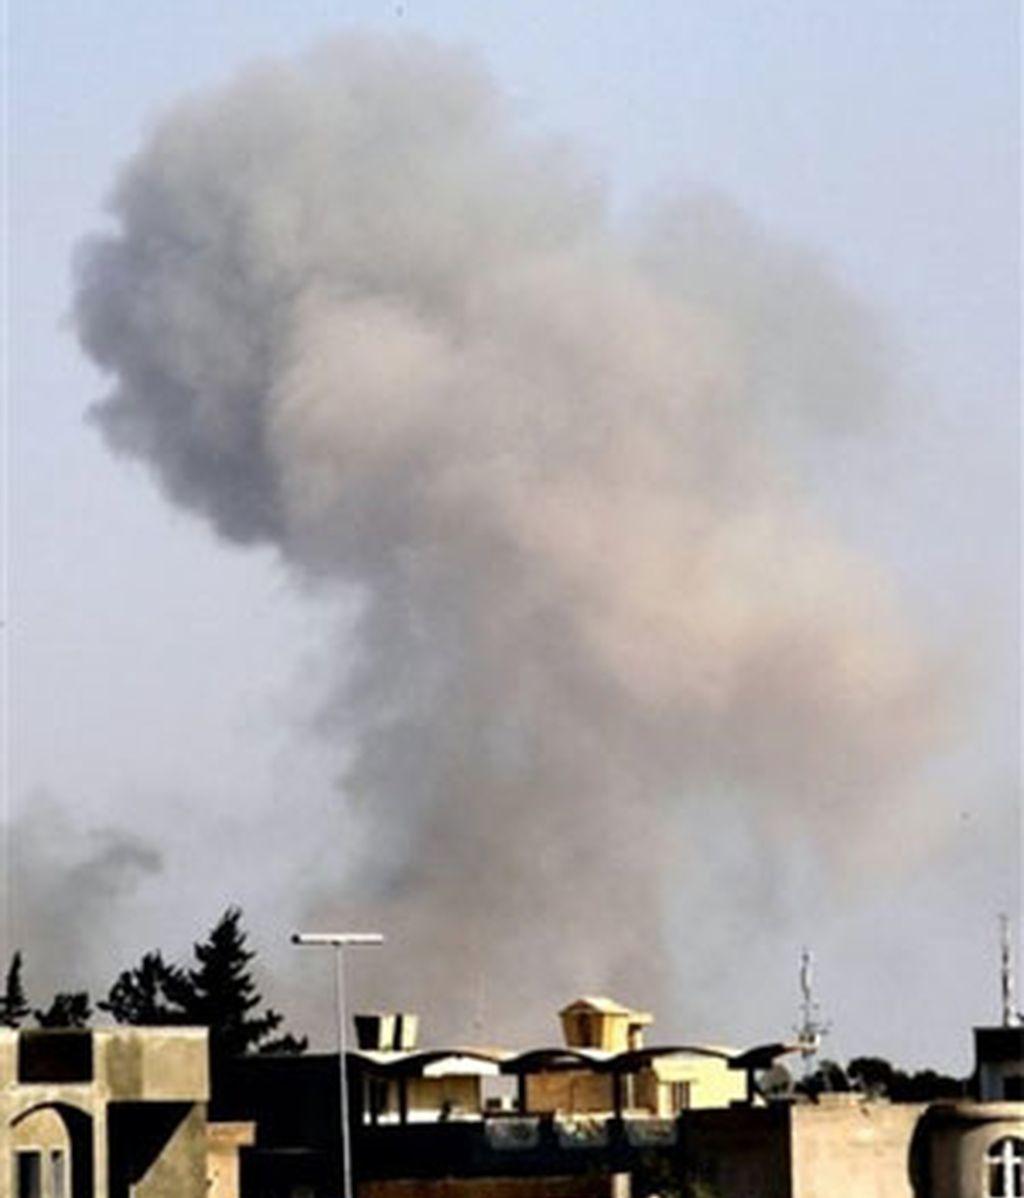 La OTAN podría haber aumentado su ofensiva en la capital libia. Vídeo: Informativos Telecinco.